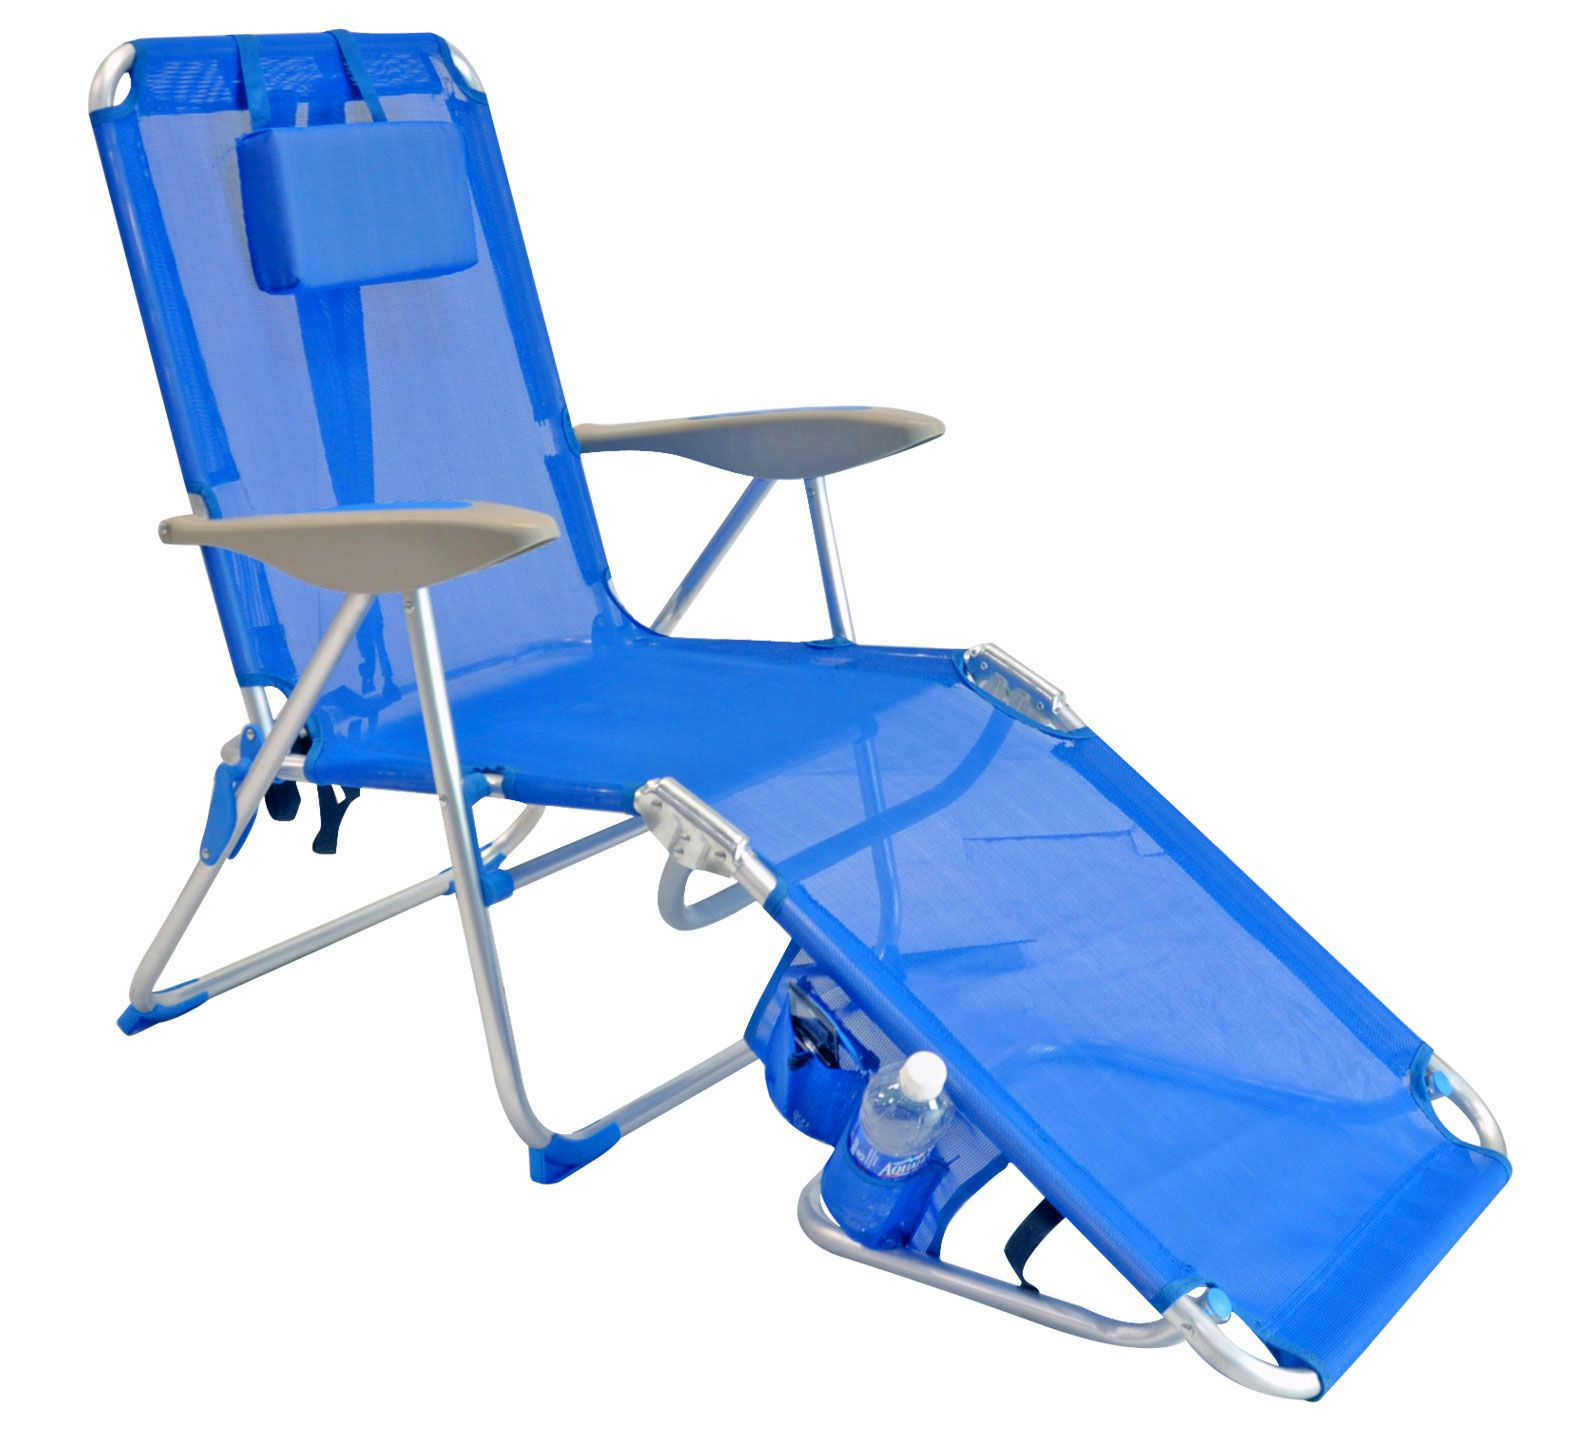 cheap camping chair price Beach lounge chair, Beach